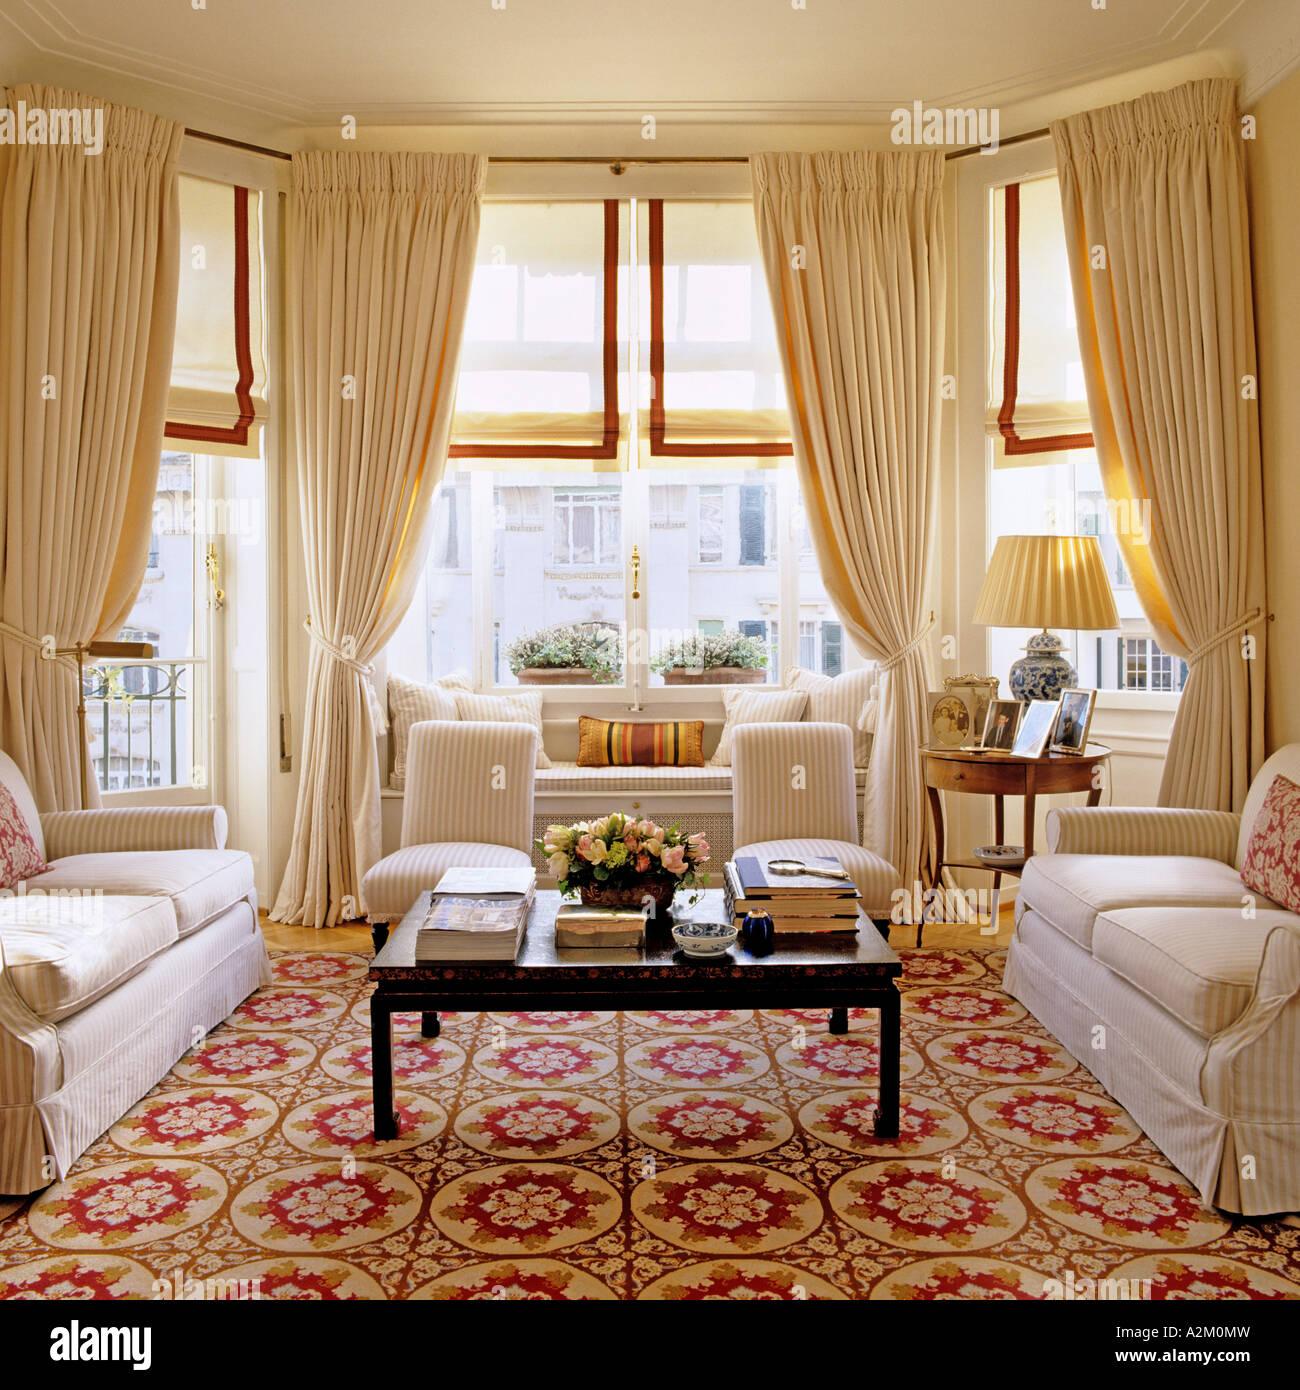 Großes Wohnzimmer mit Erker, drei Sofas und gemusterten Teppich Stockbild